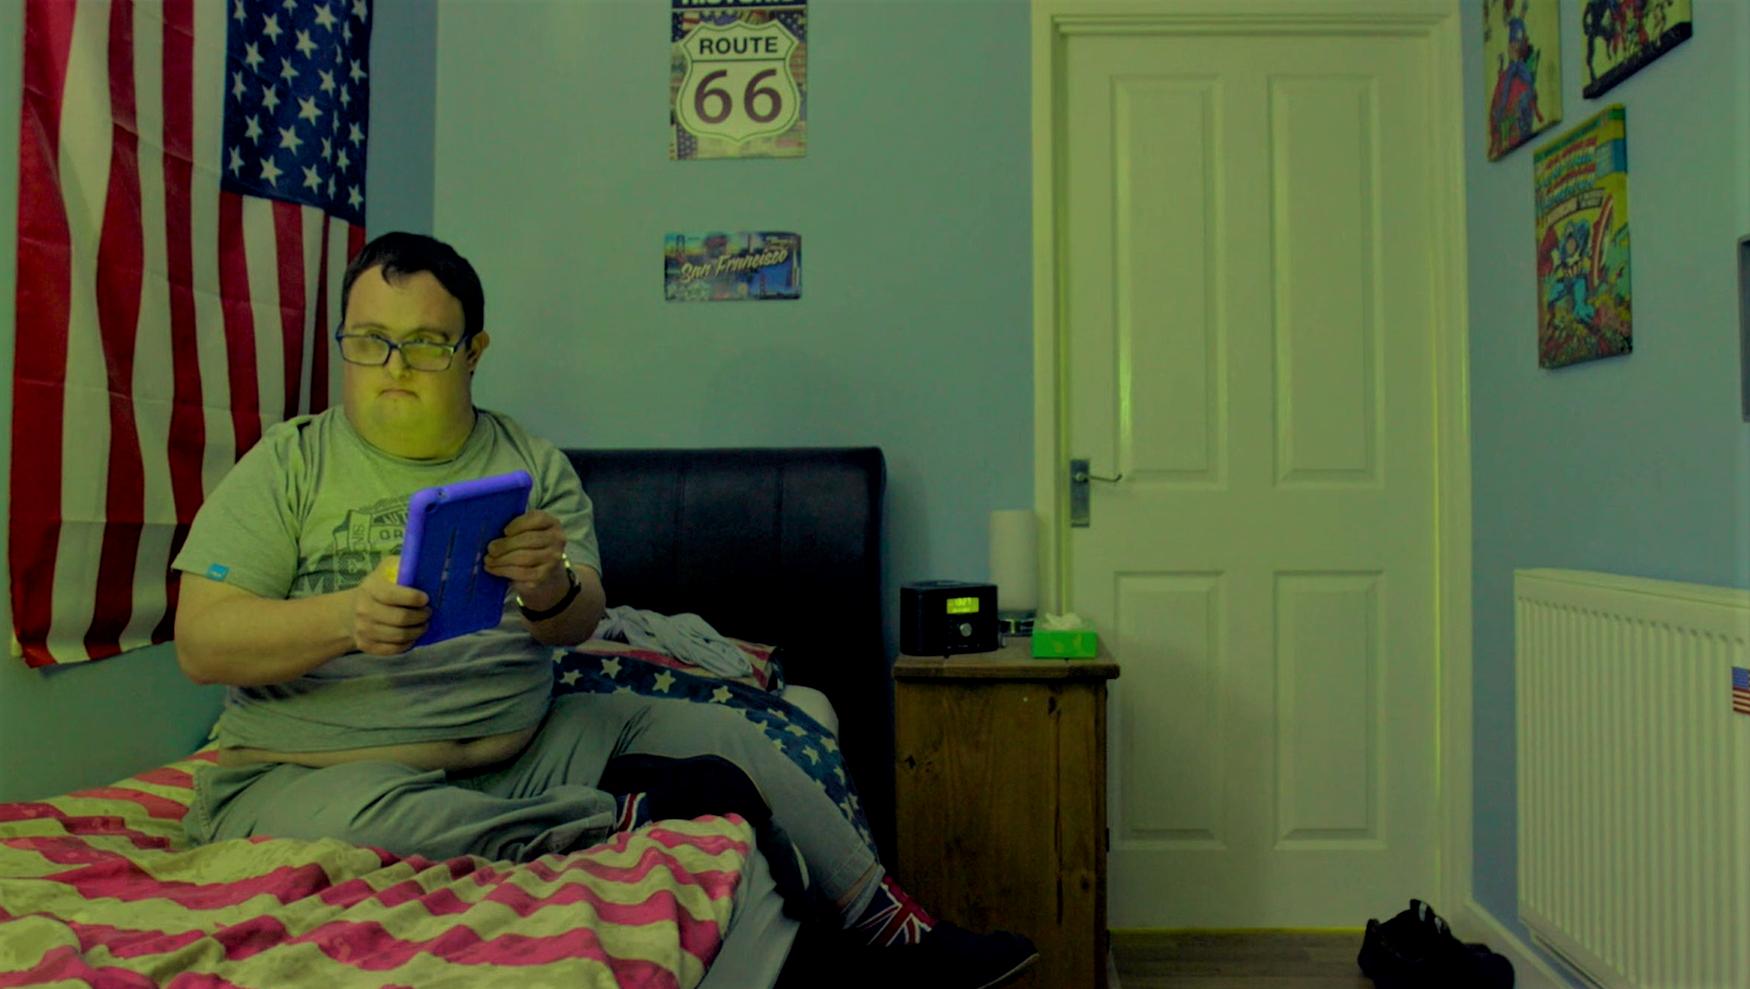 Adam Miller in his bedroom